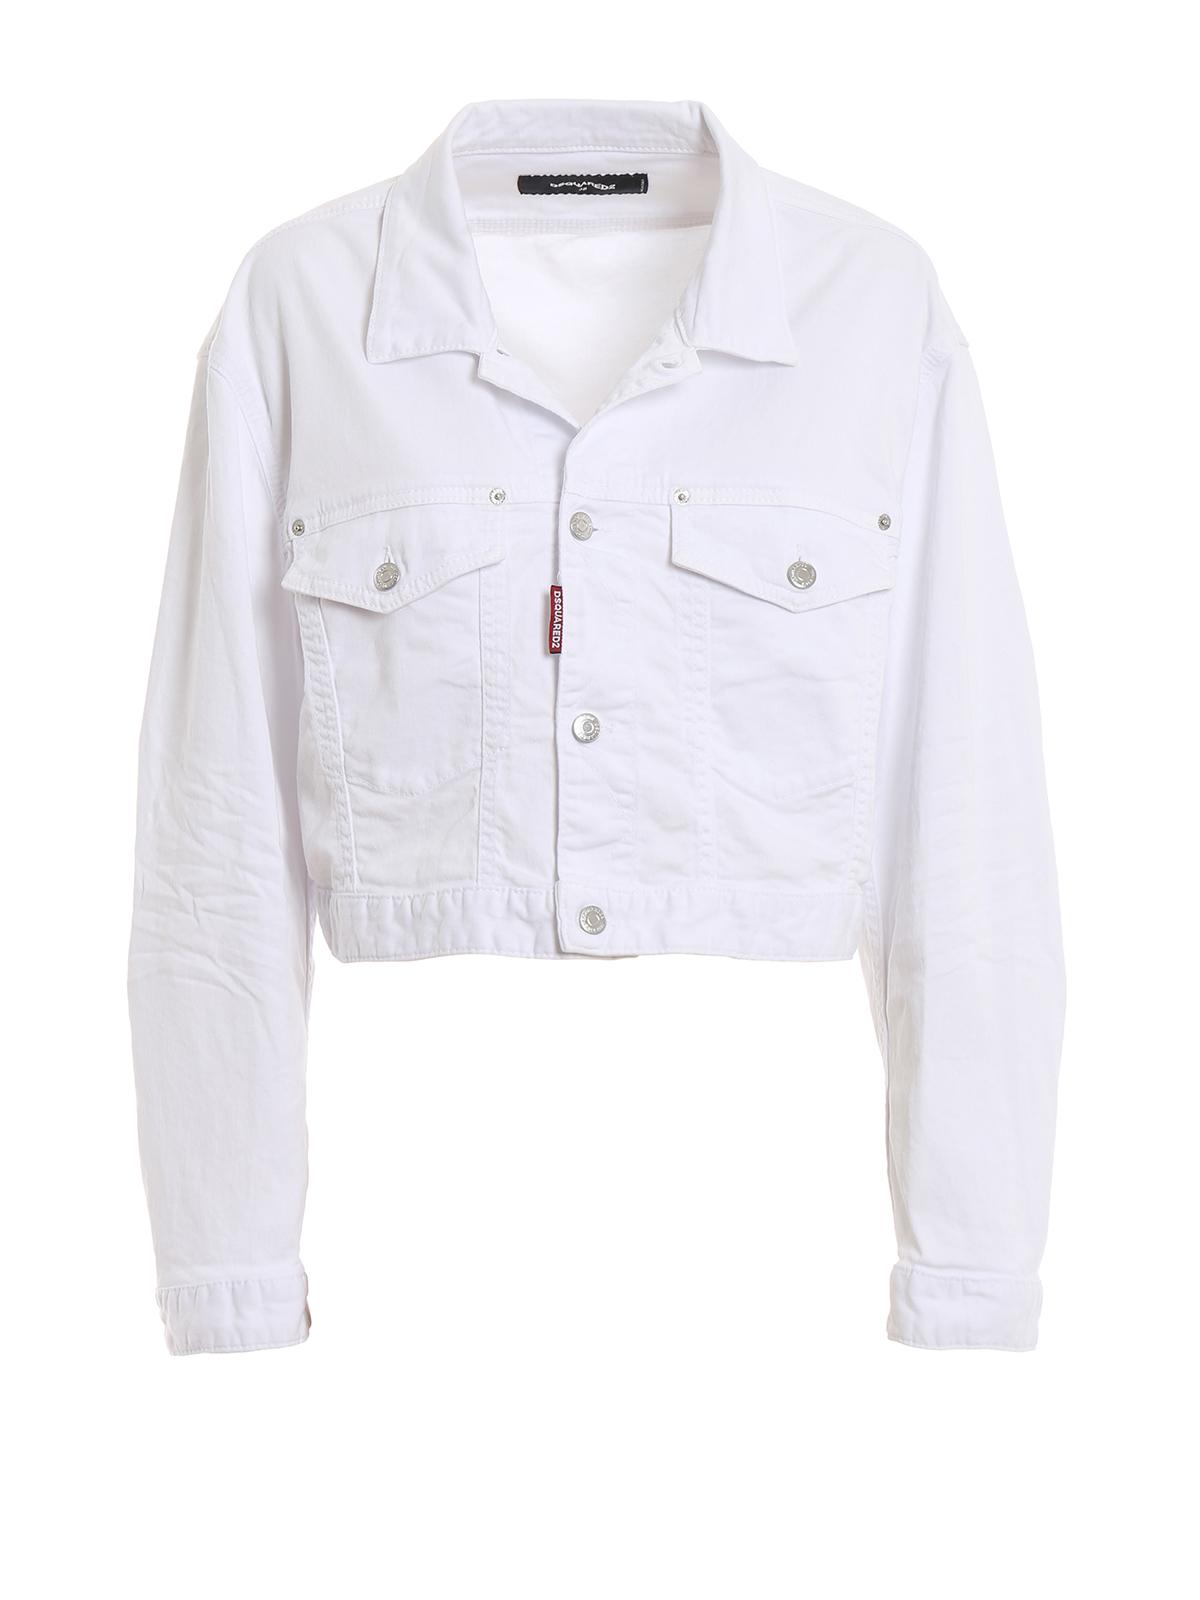 d9432b7cef5a5 White cotton denim cropped jacket - DSQUARED2 - Paolo Fiorillo